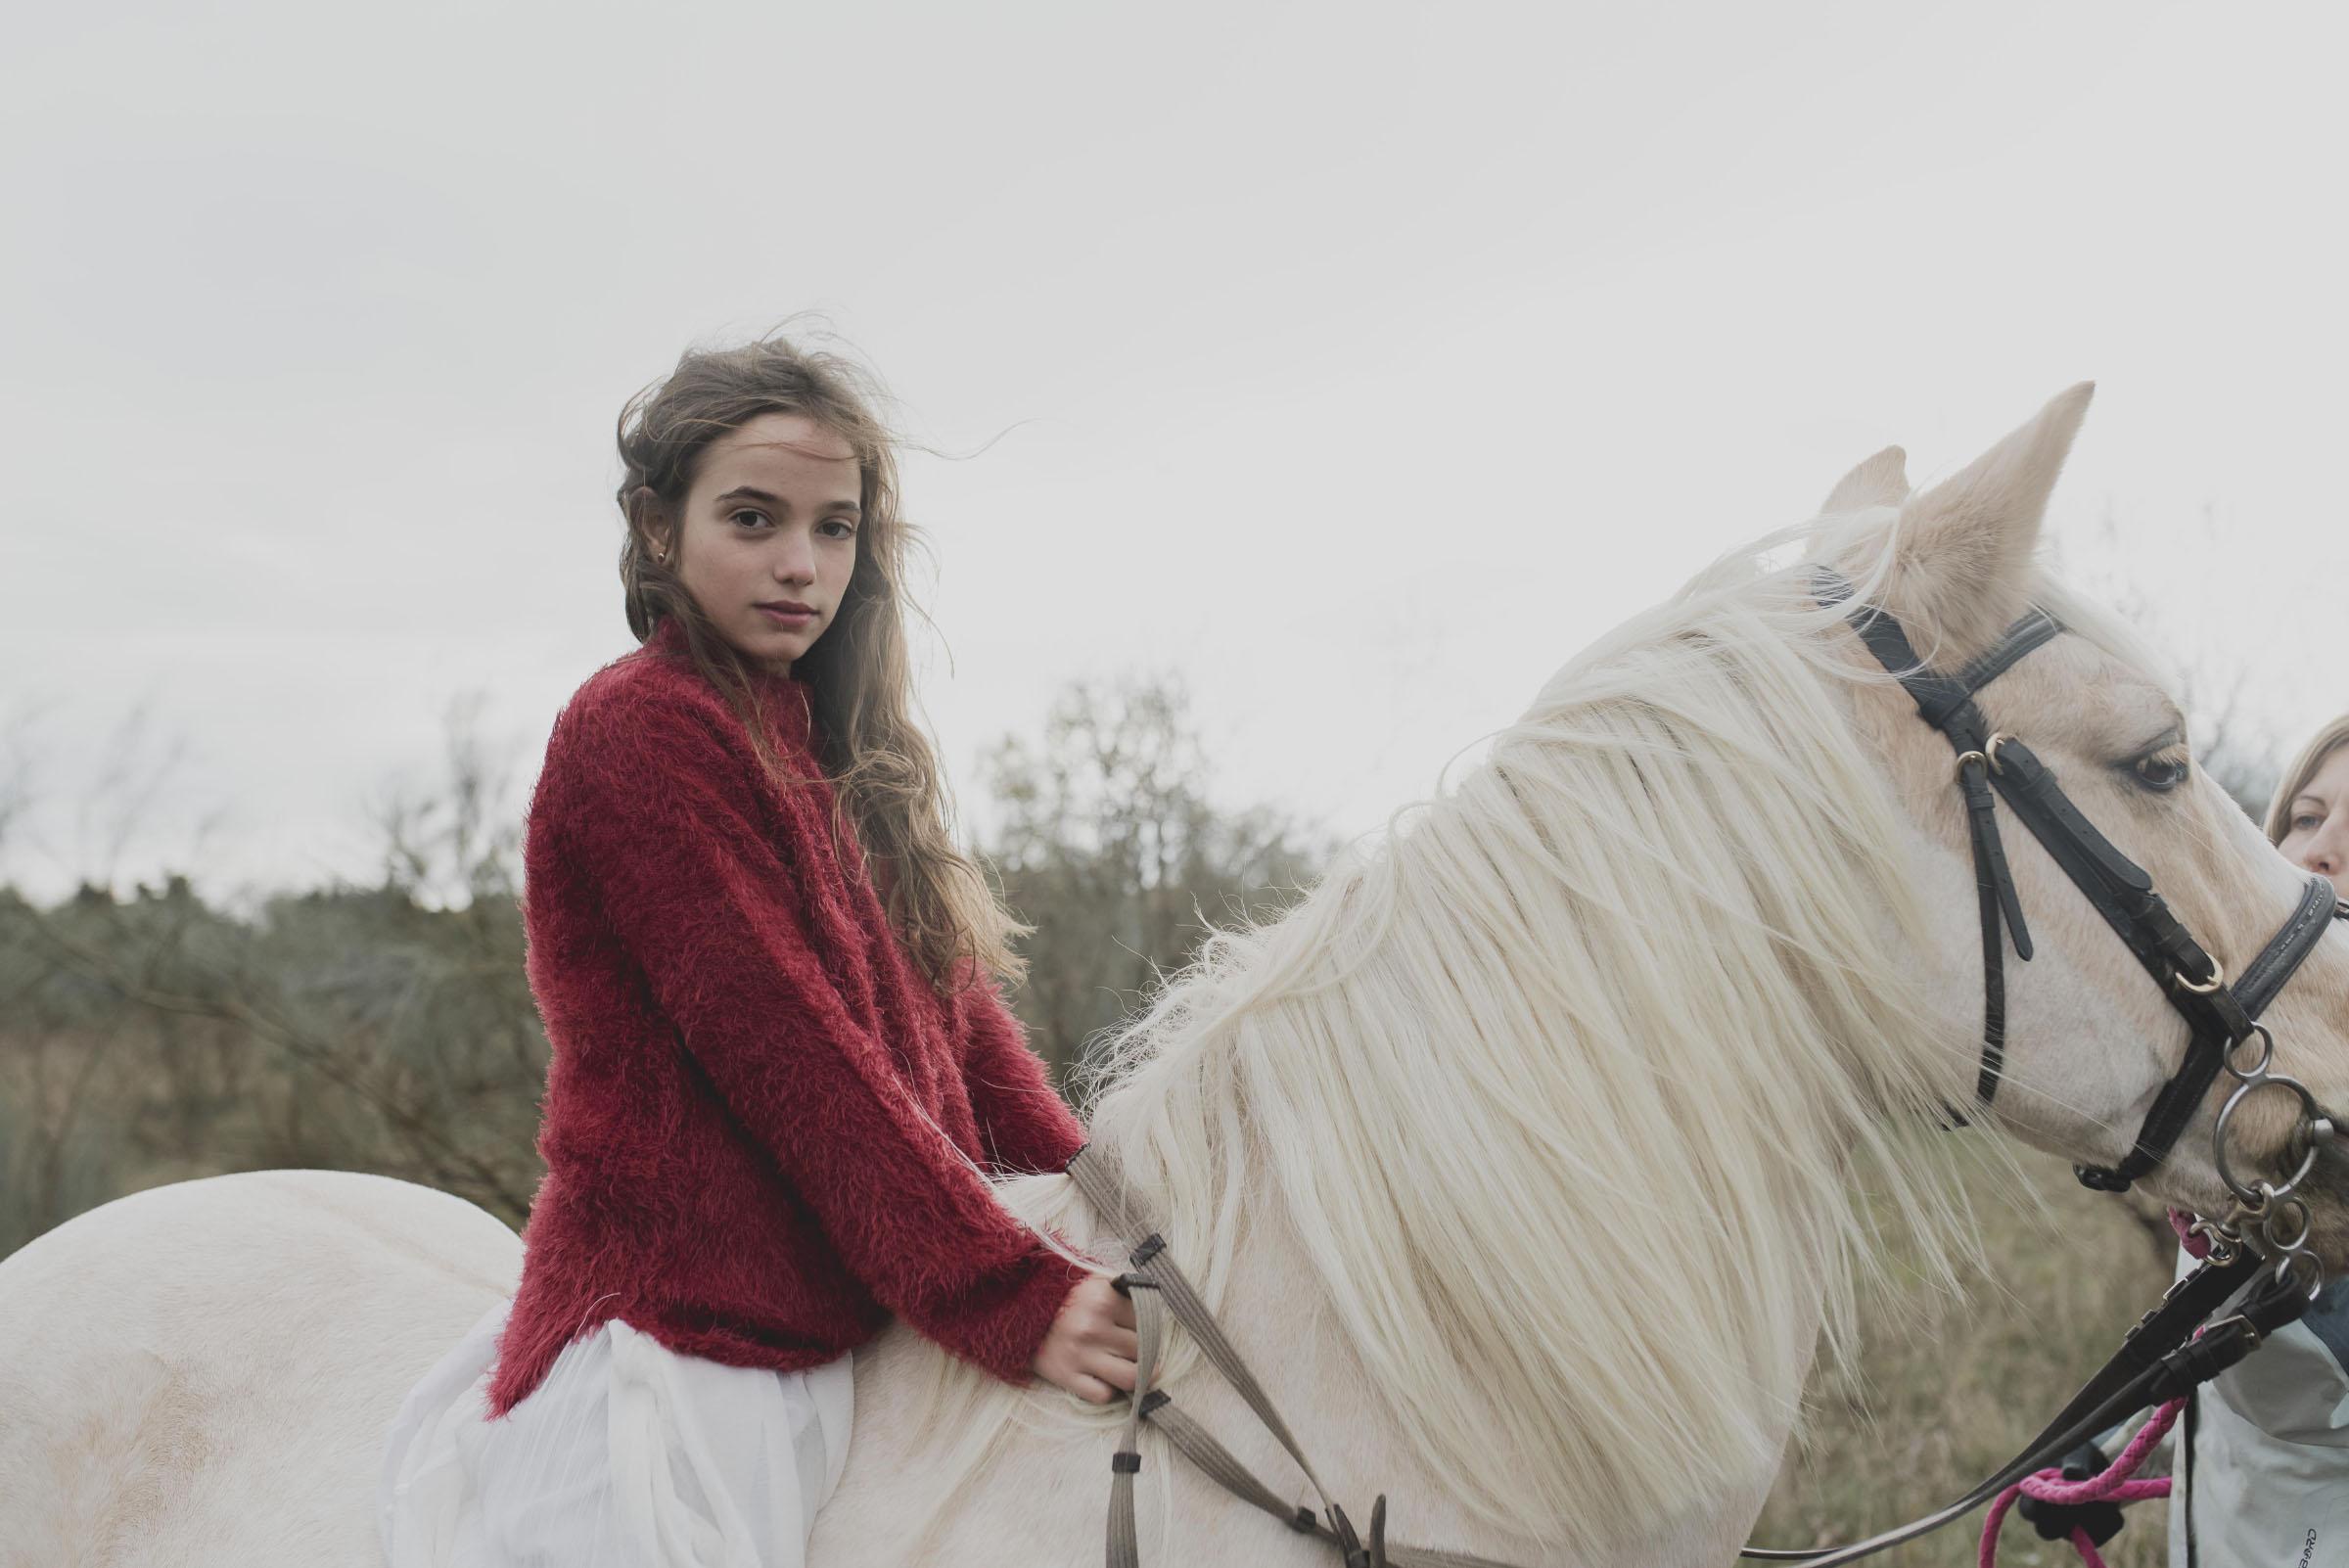 joker_horse_iolanda_sebe_10